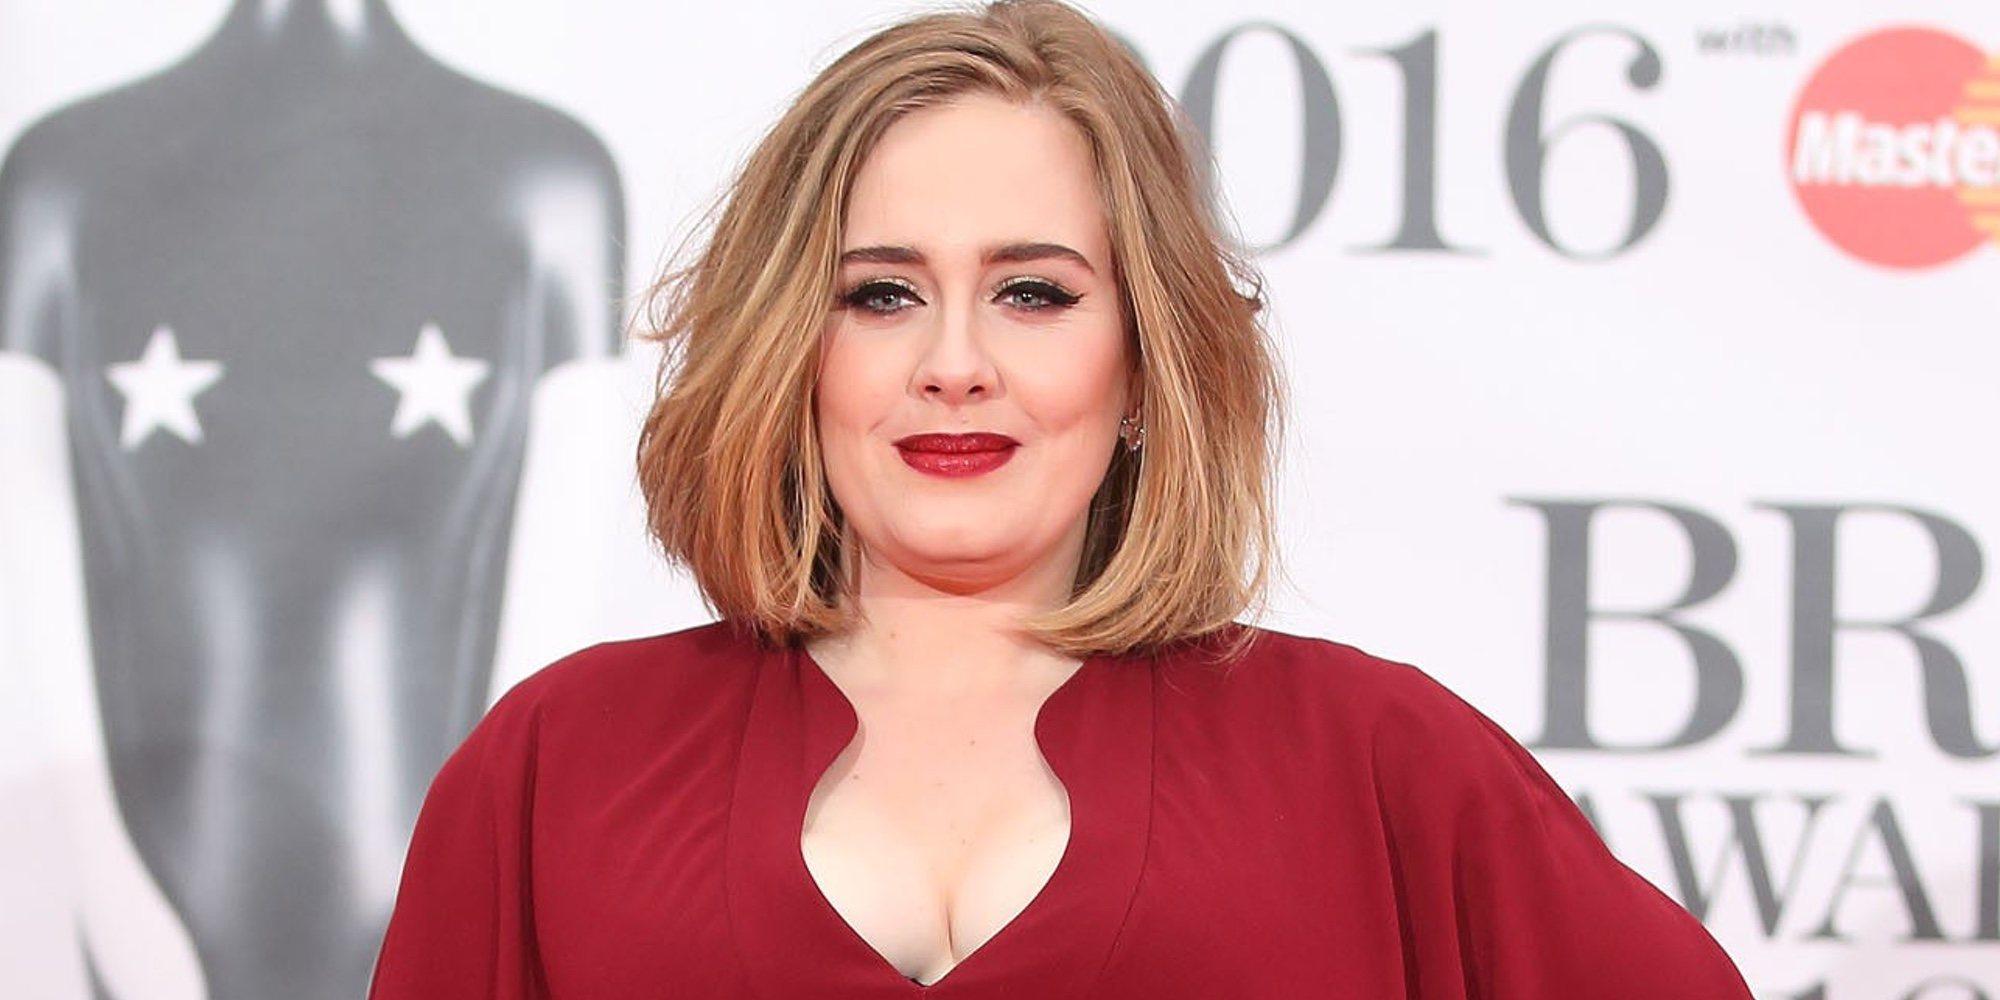 Adele podría tener que dar la mitad de su fortuna a Simon Konecki tras el divorcio